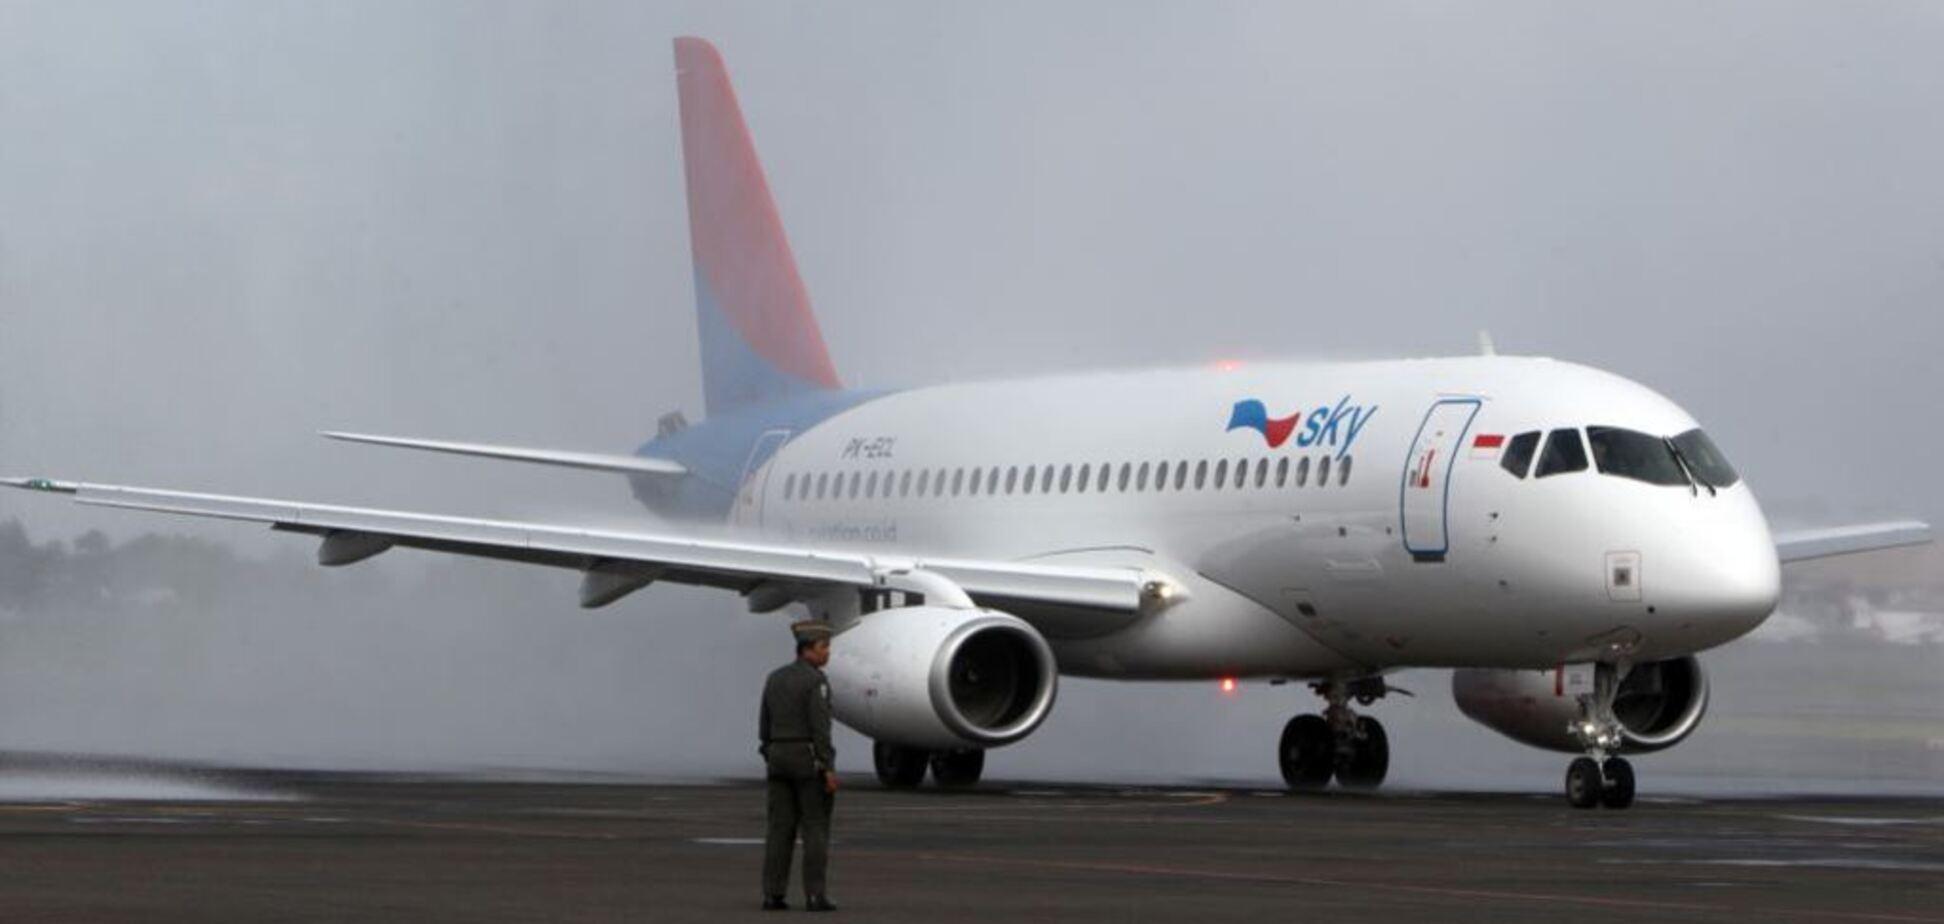 Не смог взлететь: в России произошло новое ЧП с горе-самолетом